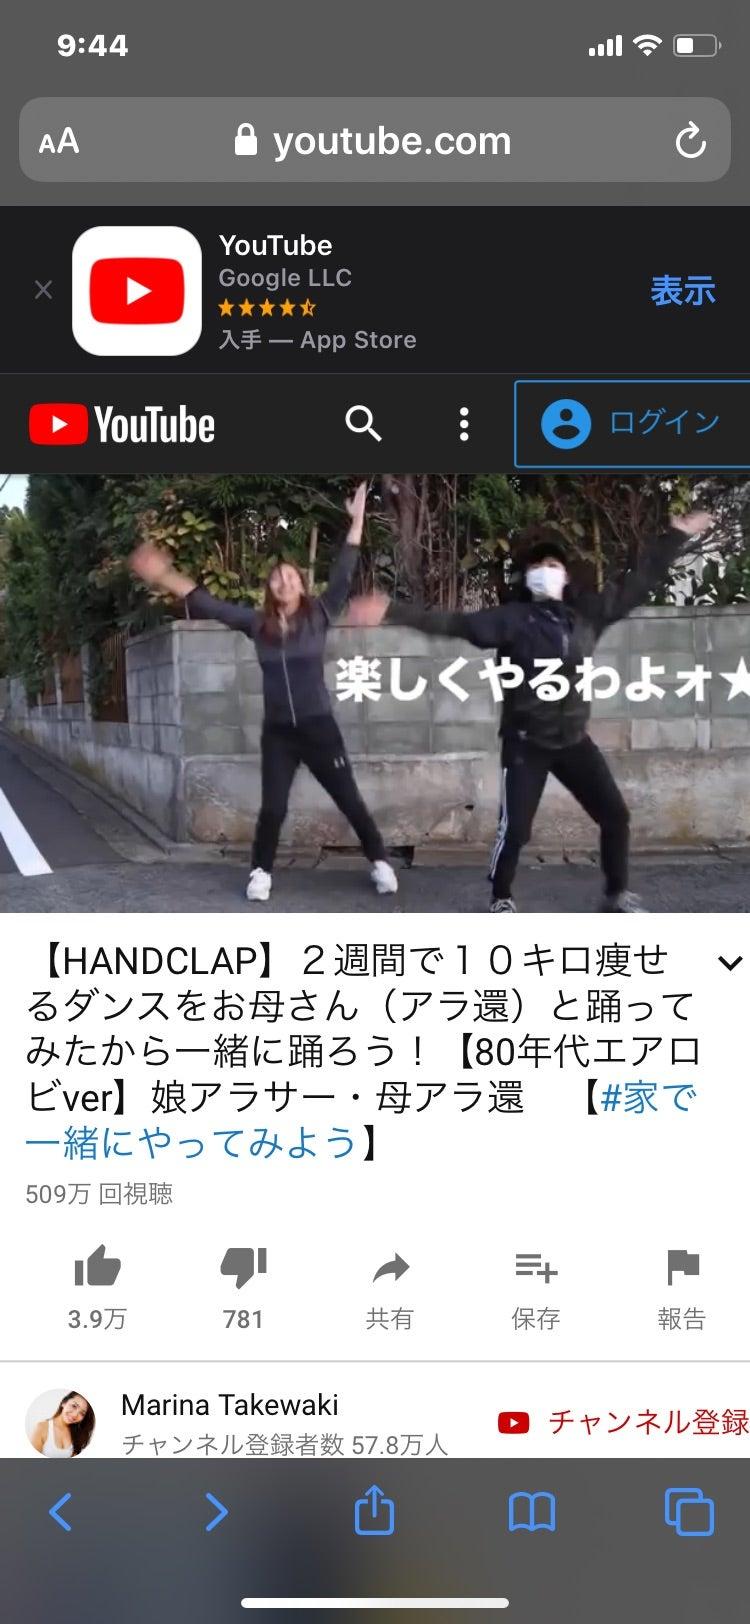 Youtube ハンド クラップ ダンス